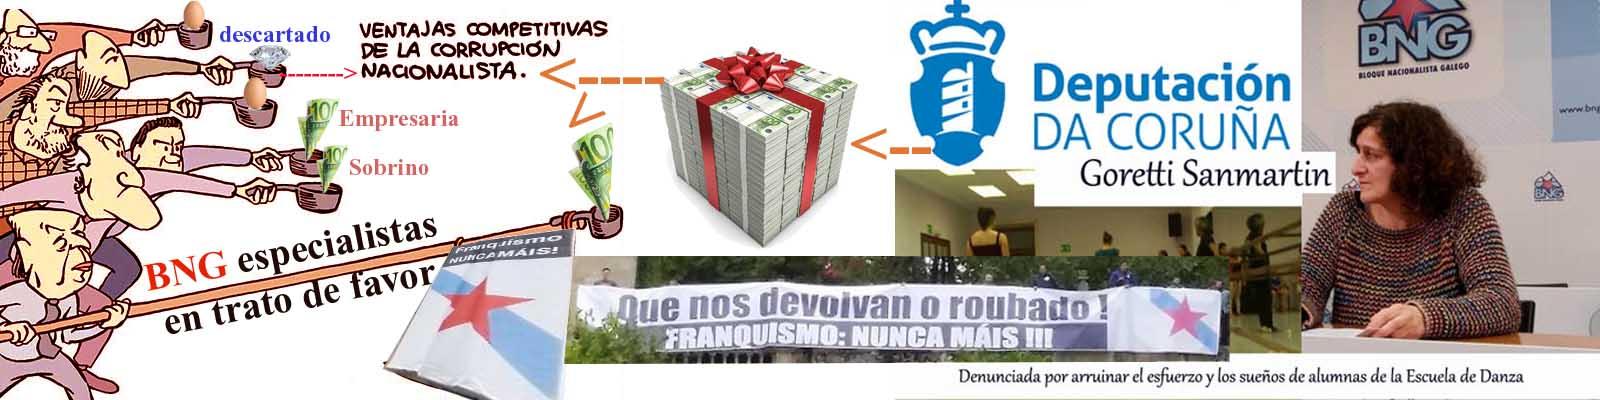 montajevineta goretti deputacioncoruna corrupcion